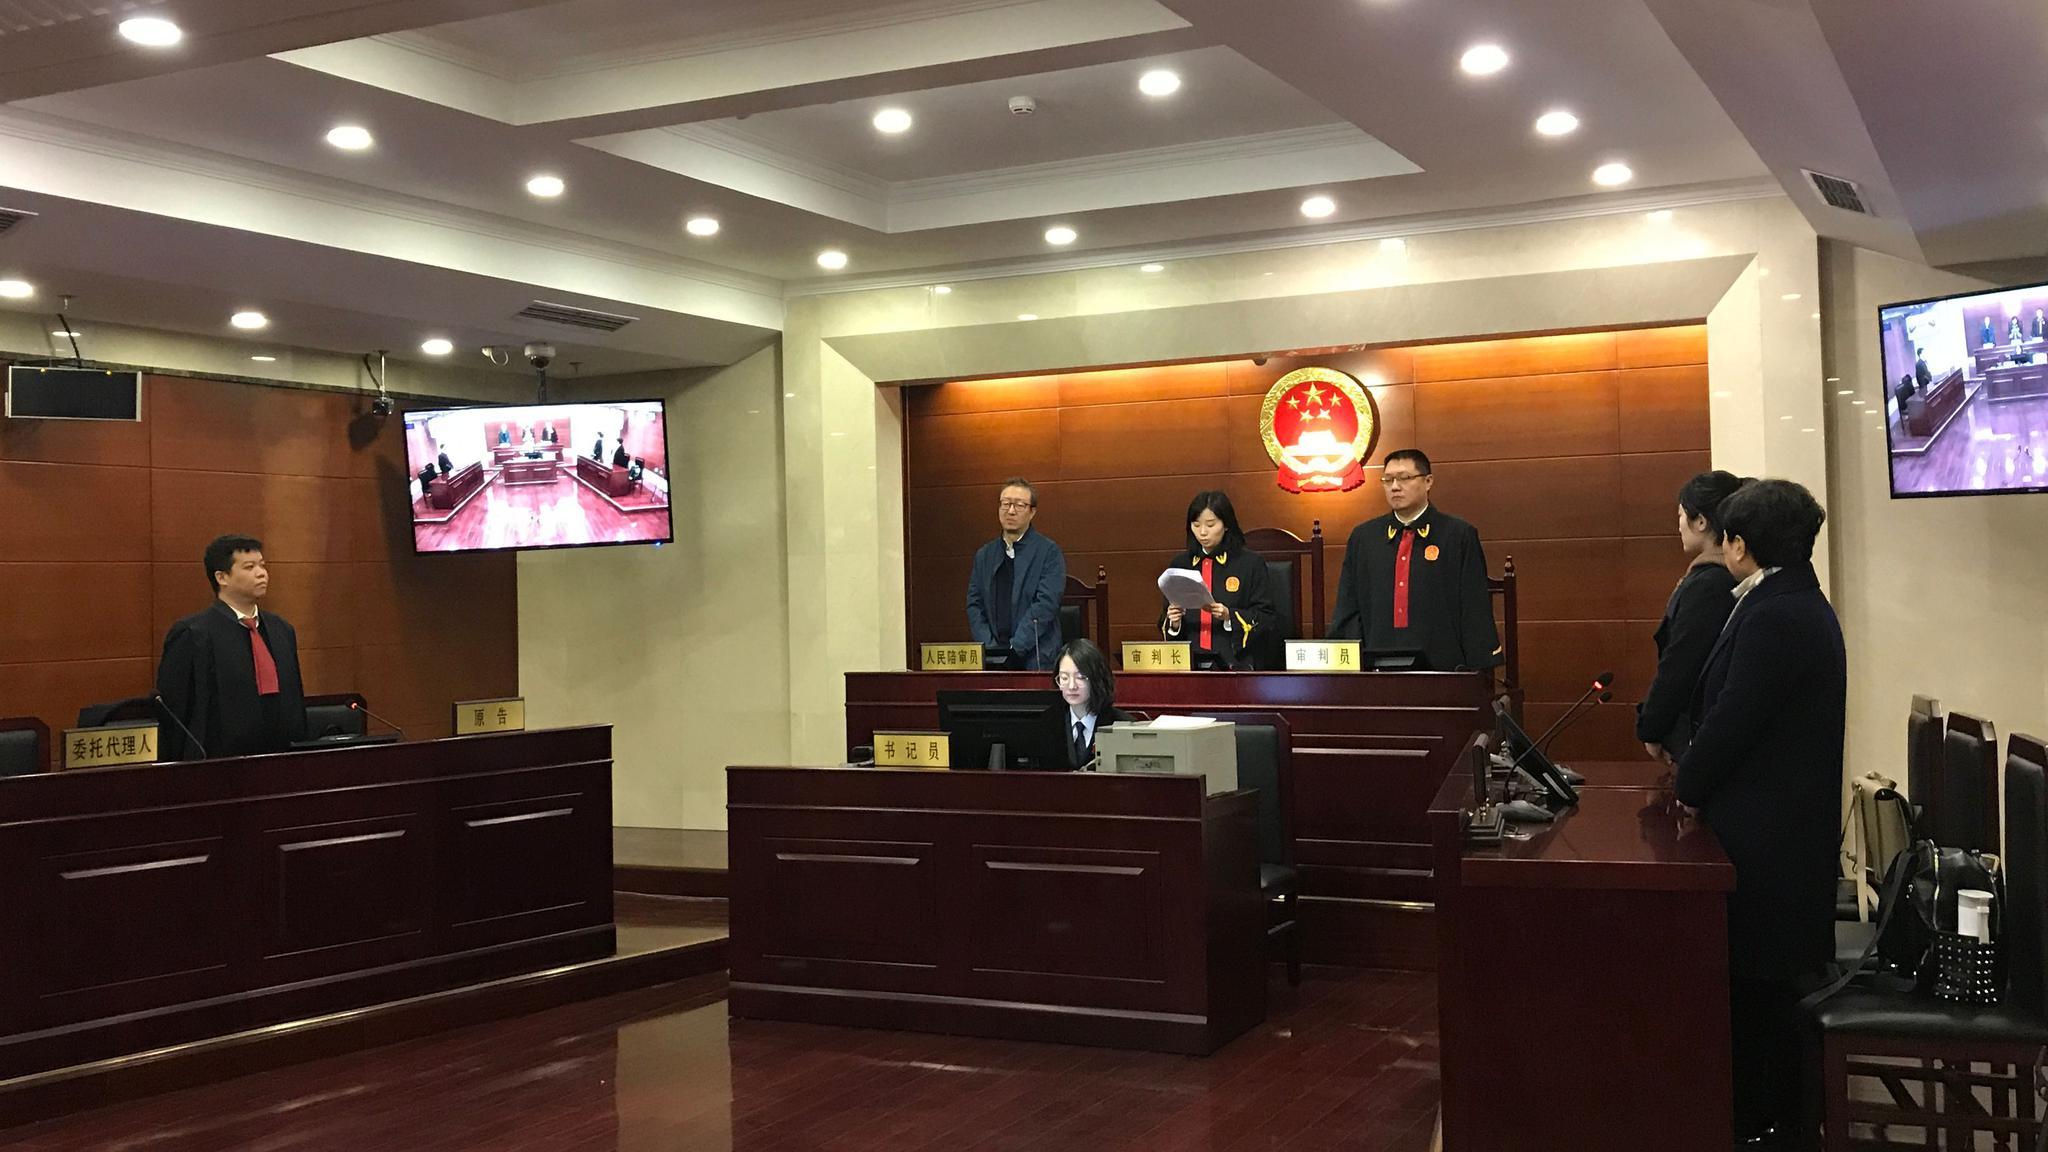 20日上午,朝阳法院宣判,链家及宋先生赔偿赵先生经济损失10万元并公开赔礼道歉。新京报记者刘洋摄